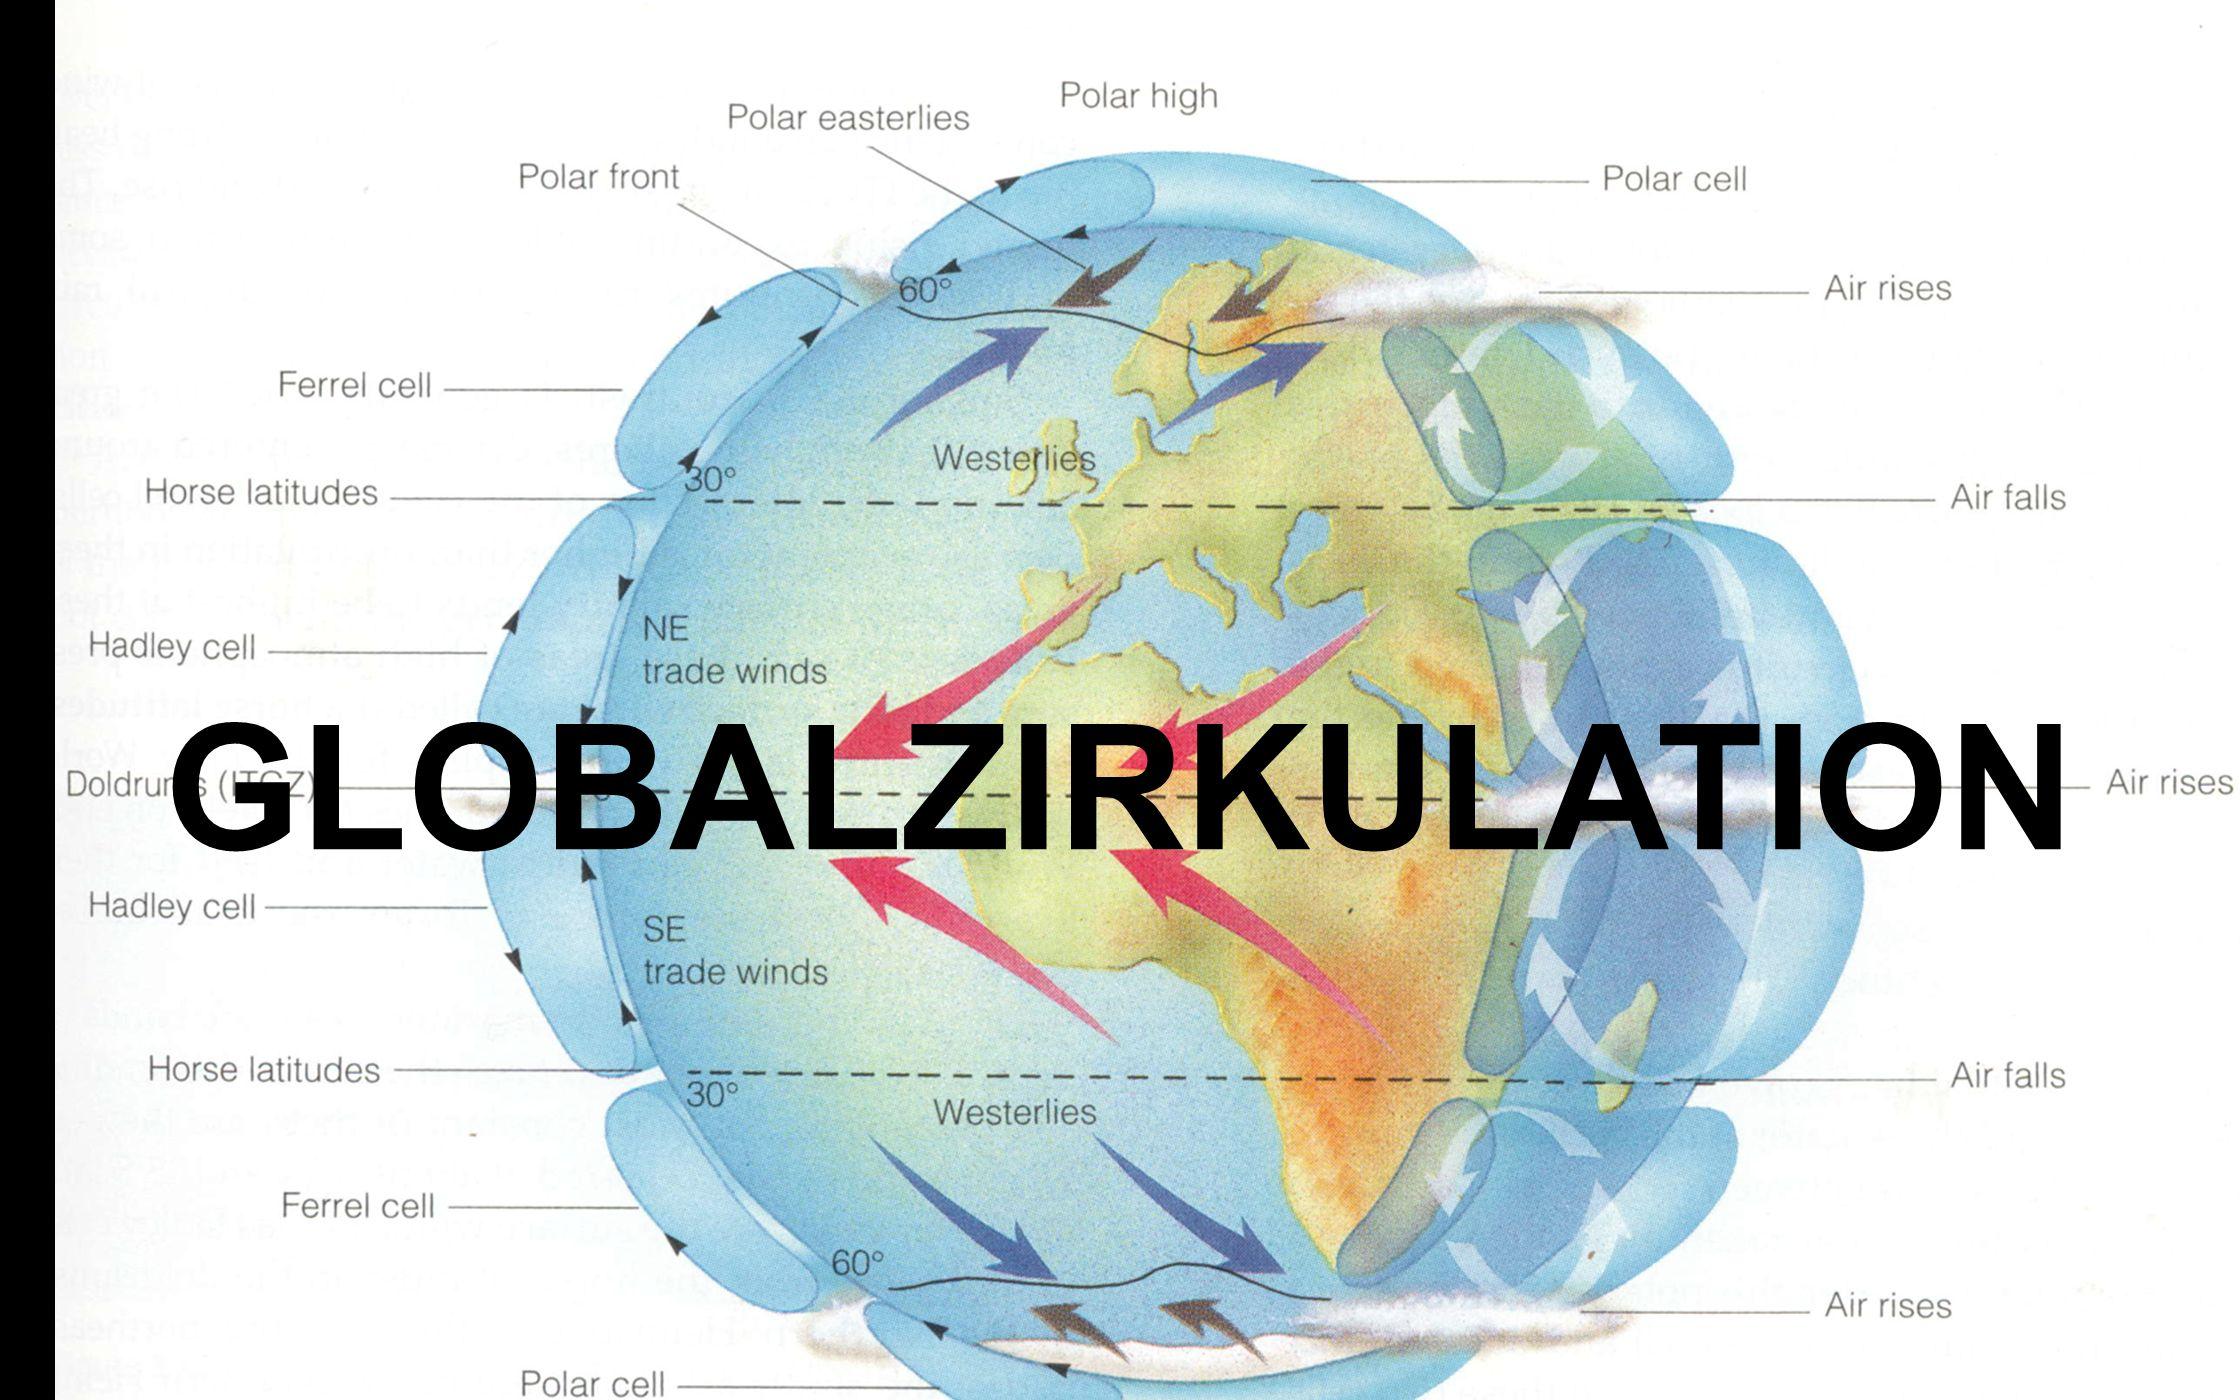 GLOBALZIRKULATION